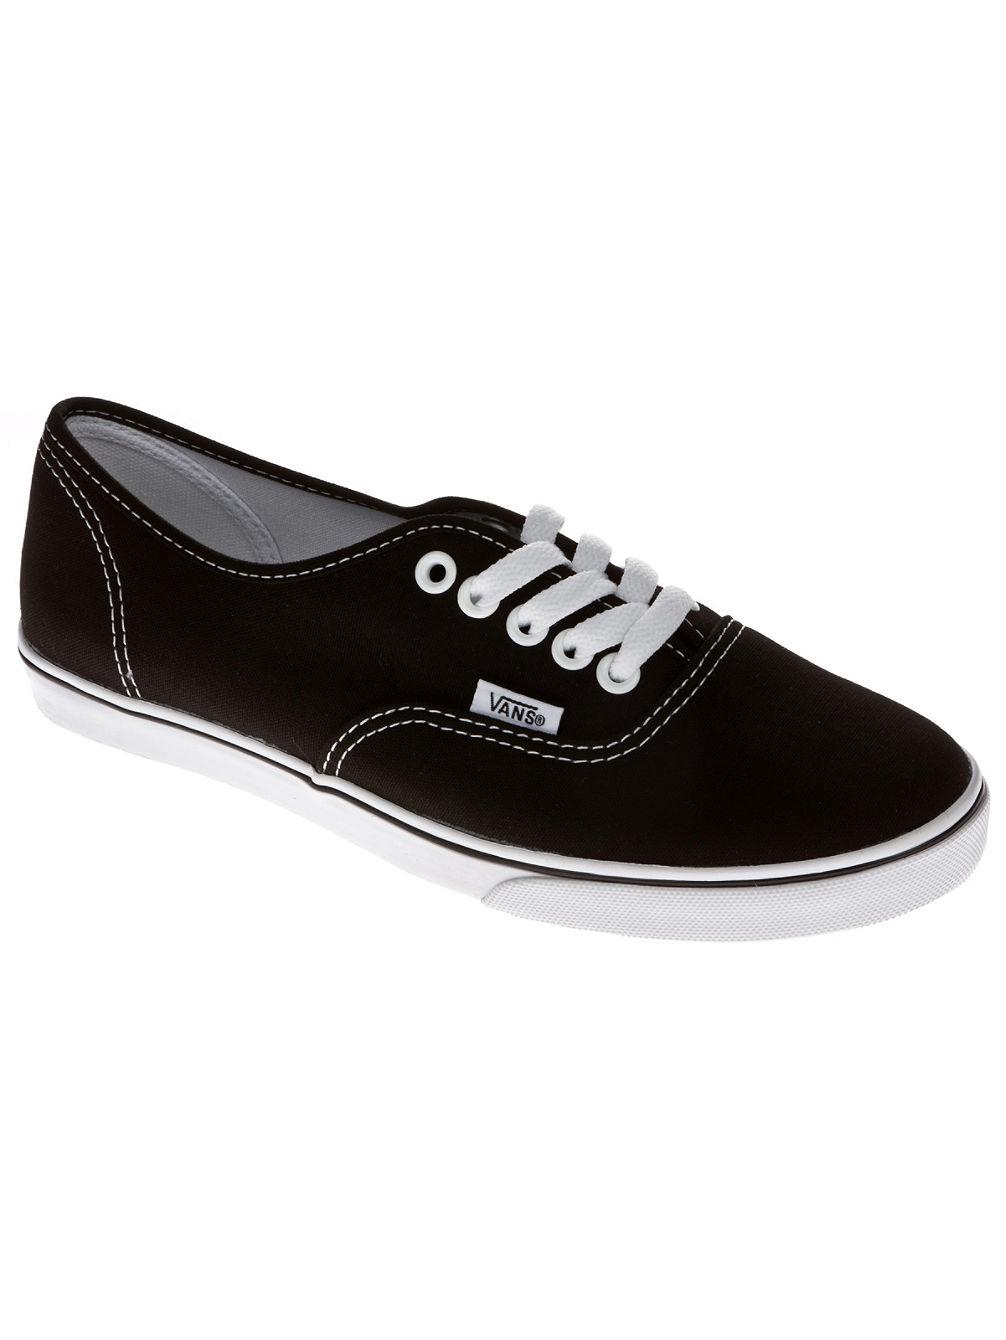 vans-authentic-lo-pro-sneakers-women